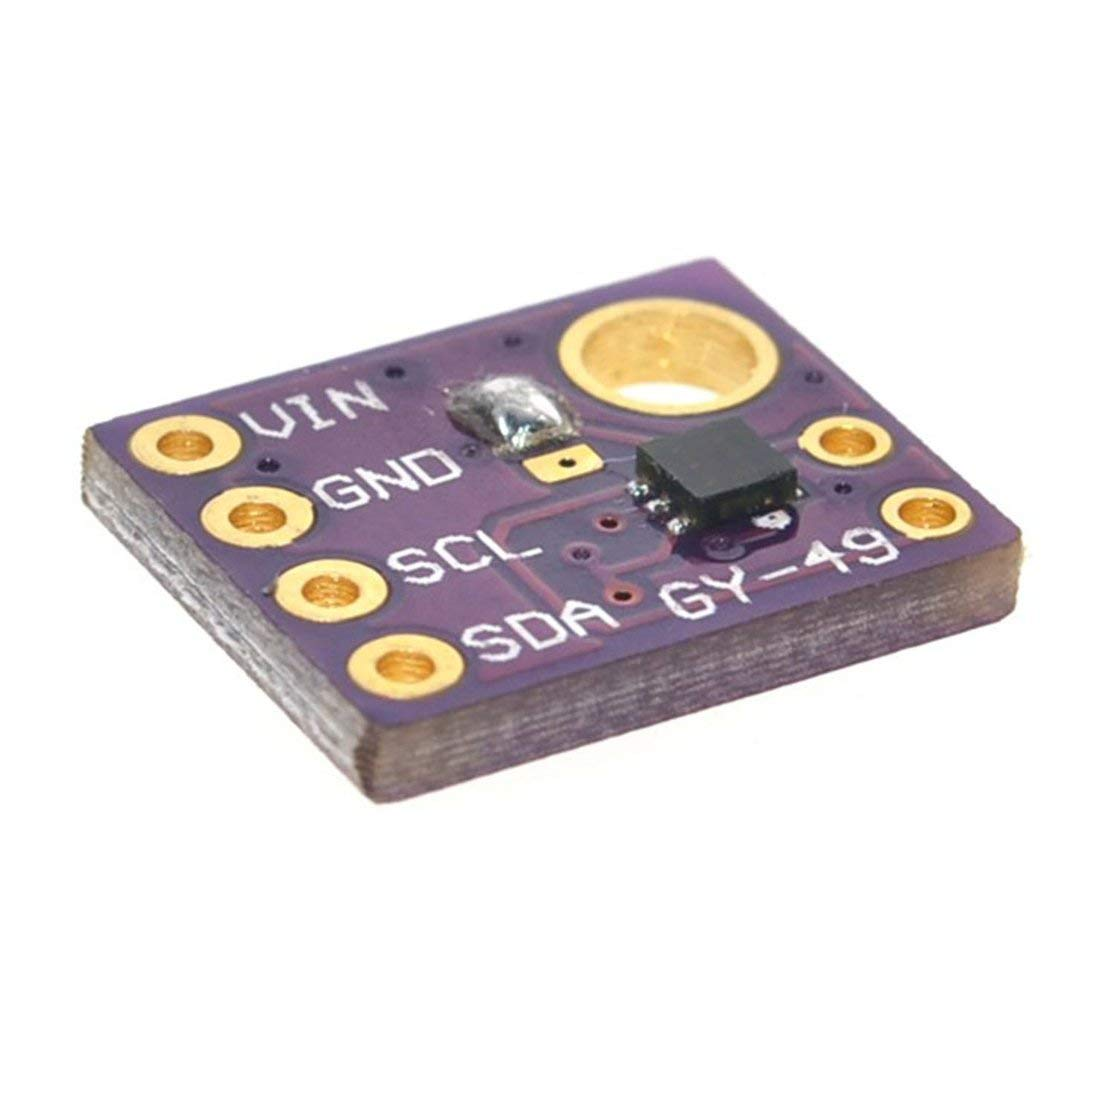 GY-49 Professionelles Hochpr/äzises MAX44009 Umgebungslicht-Sensormodul f/ür Arduino mit 4P-Stiftleiste MF Kaemma